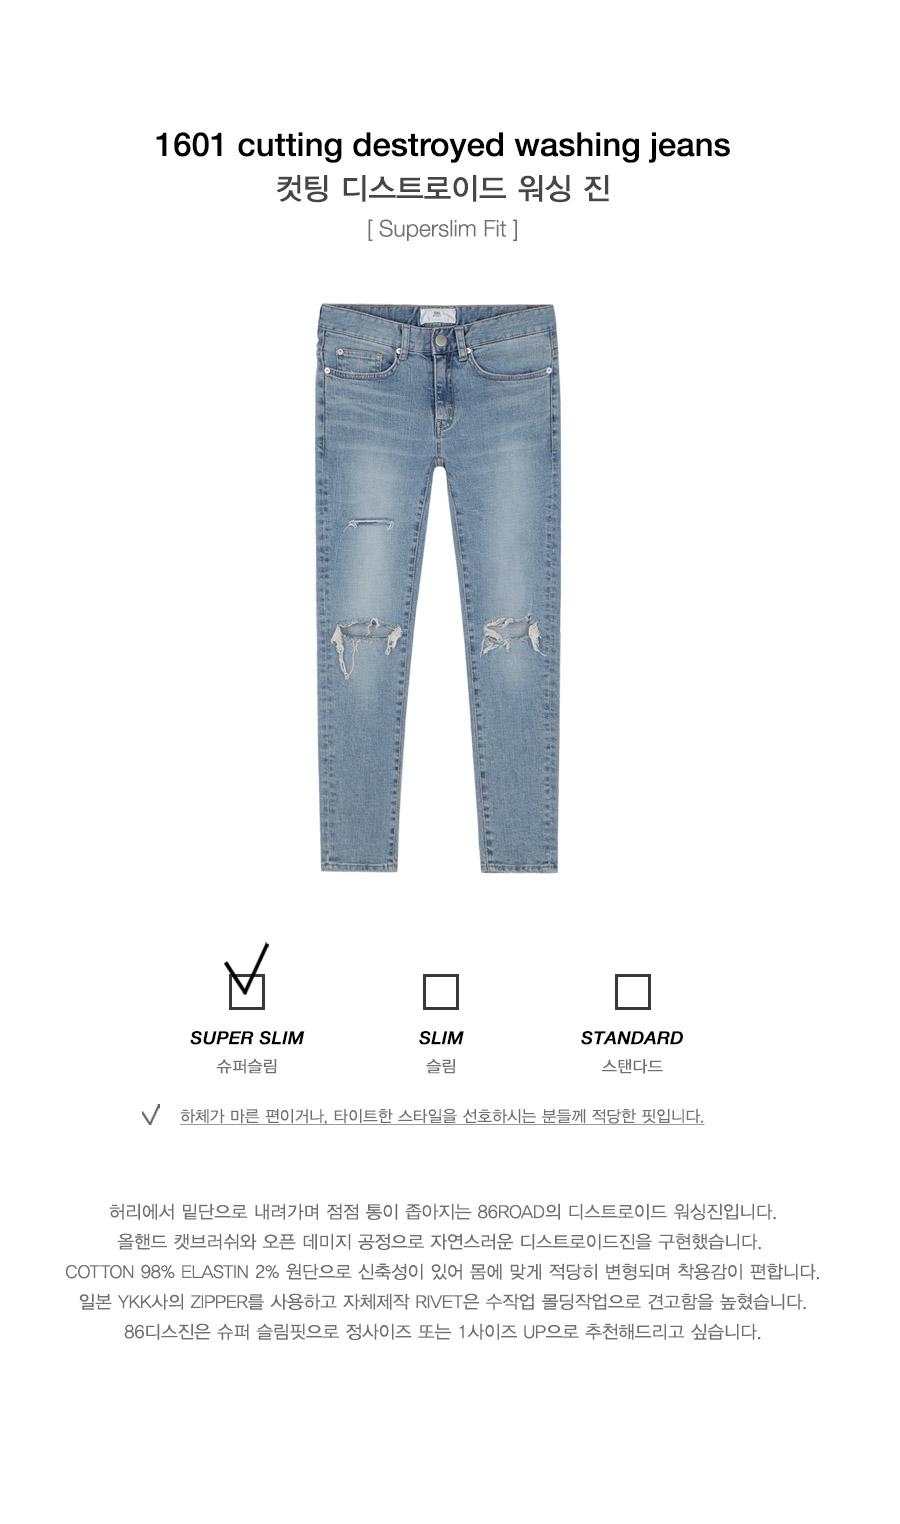 86로드(86ROAD) 1601 cutting destroyed washing jeans